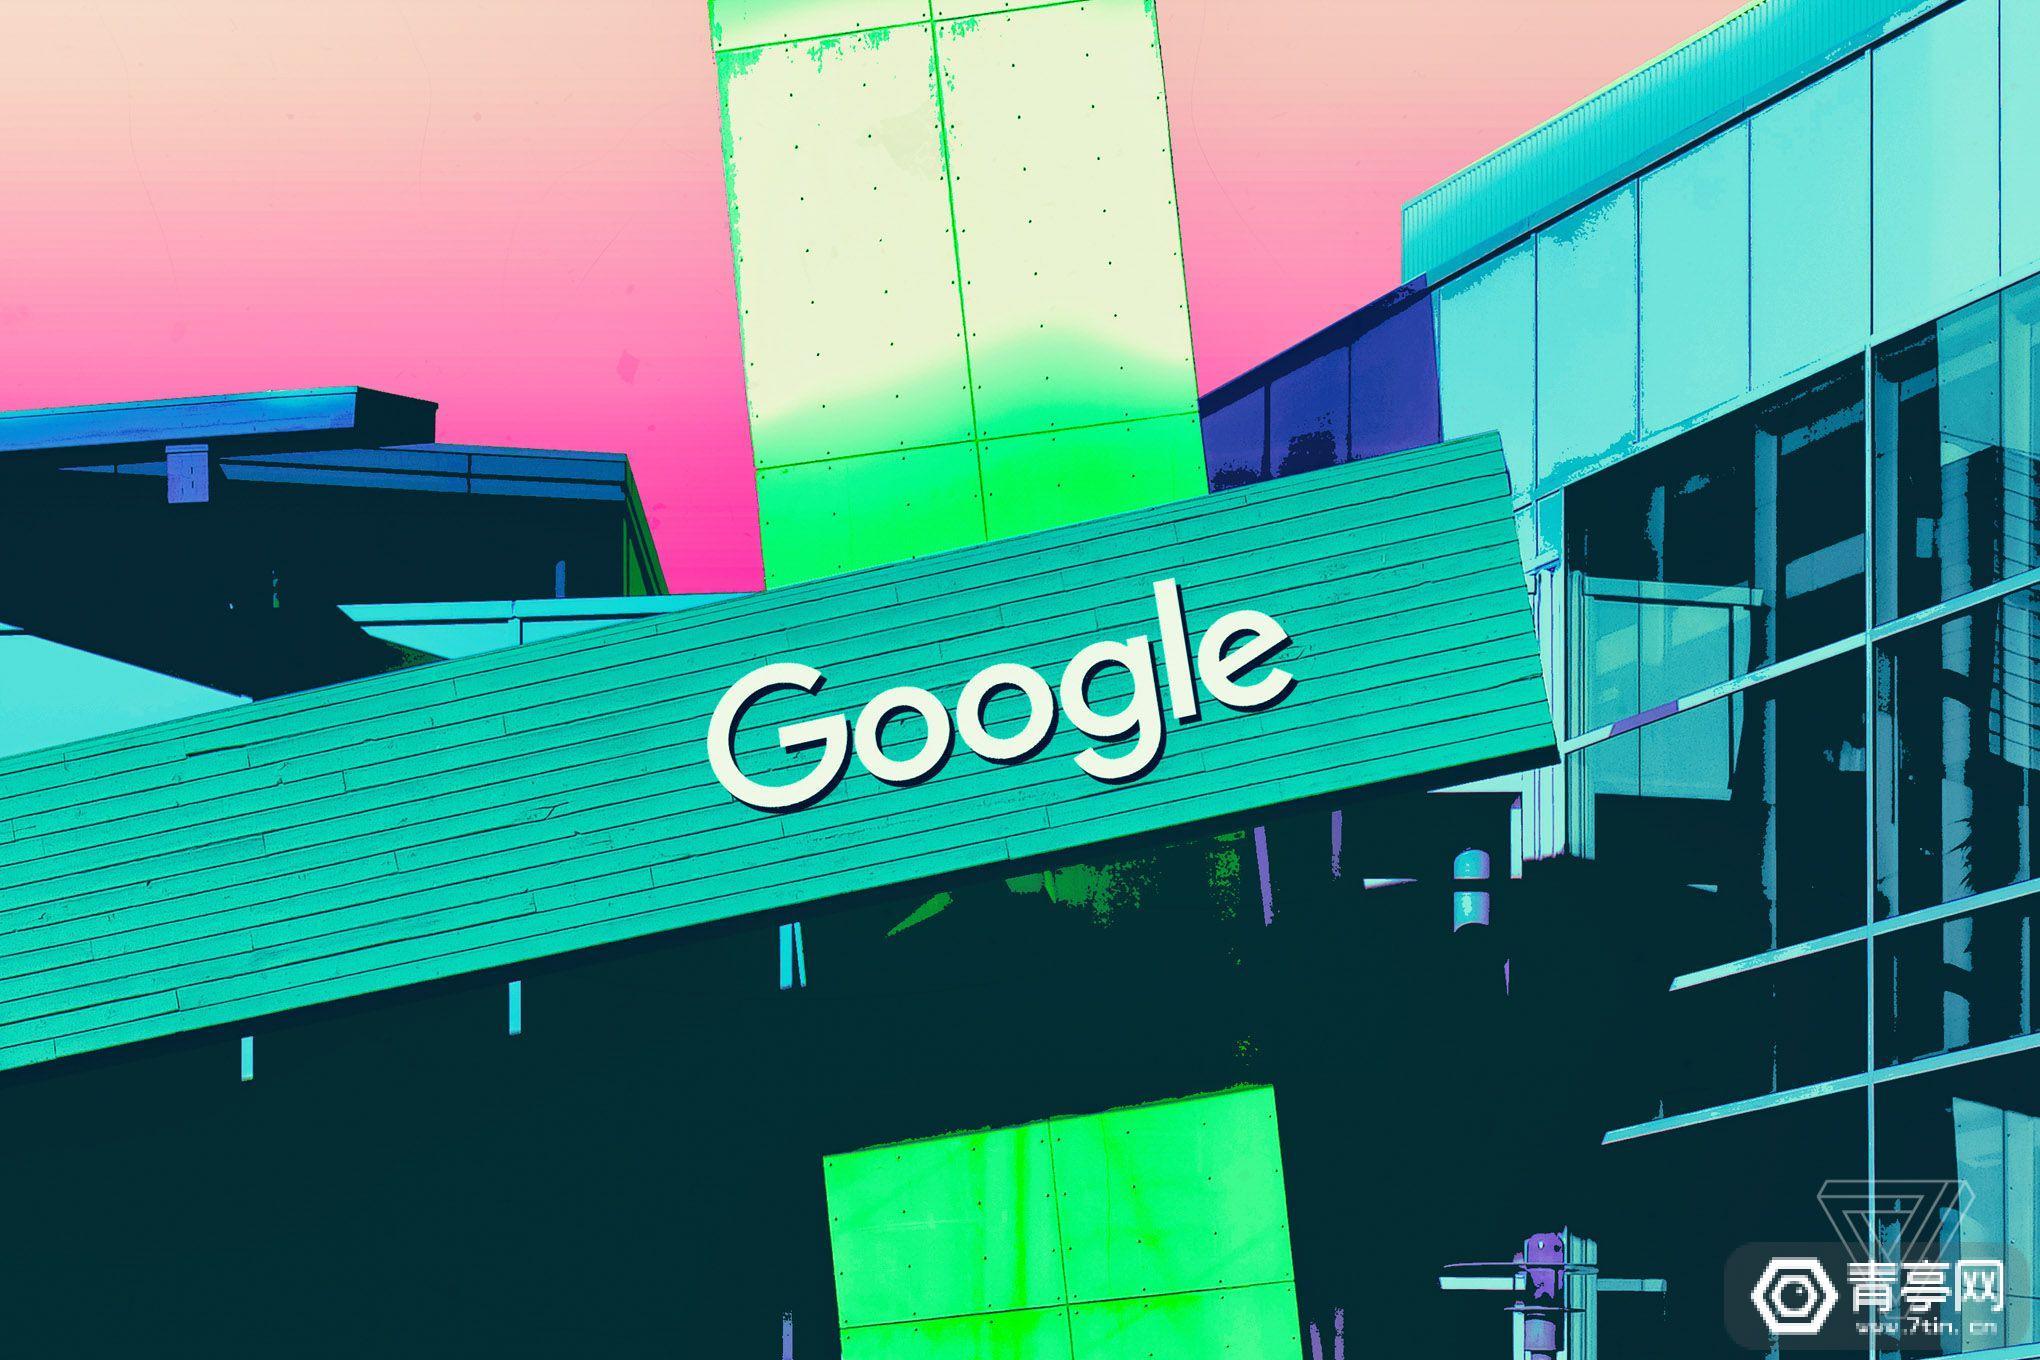 谷歌打造数据集搜索功能,帮助科学家寻找数据